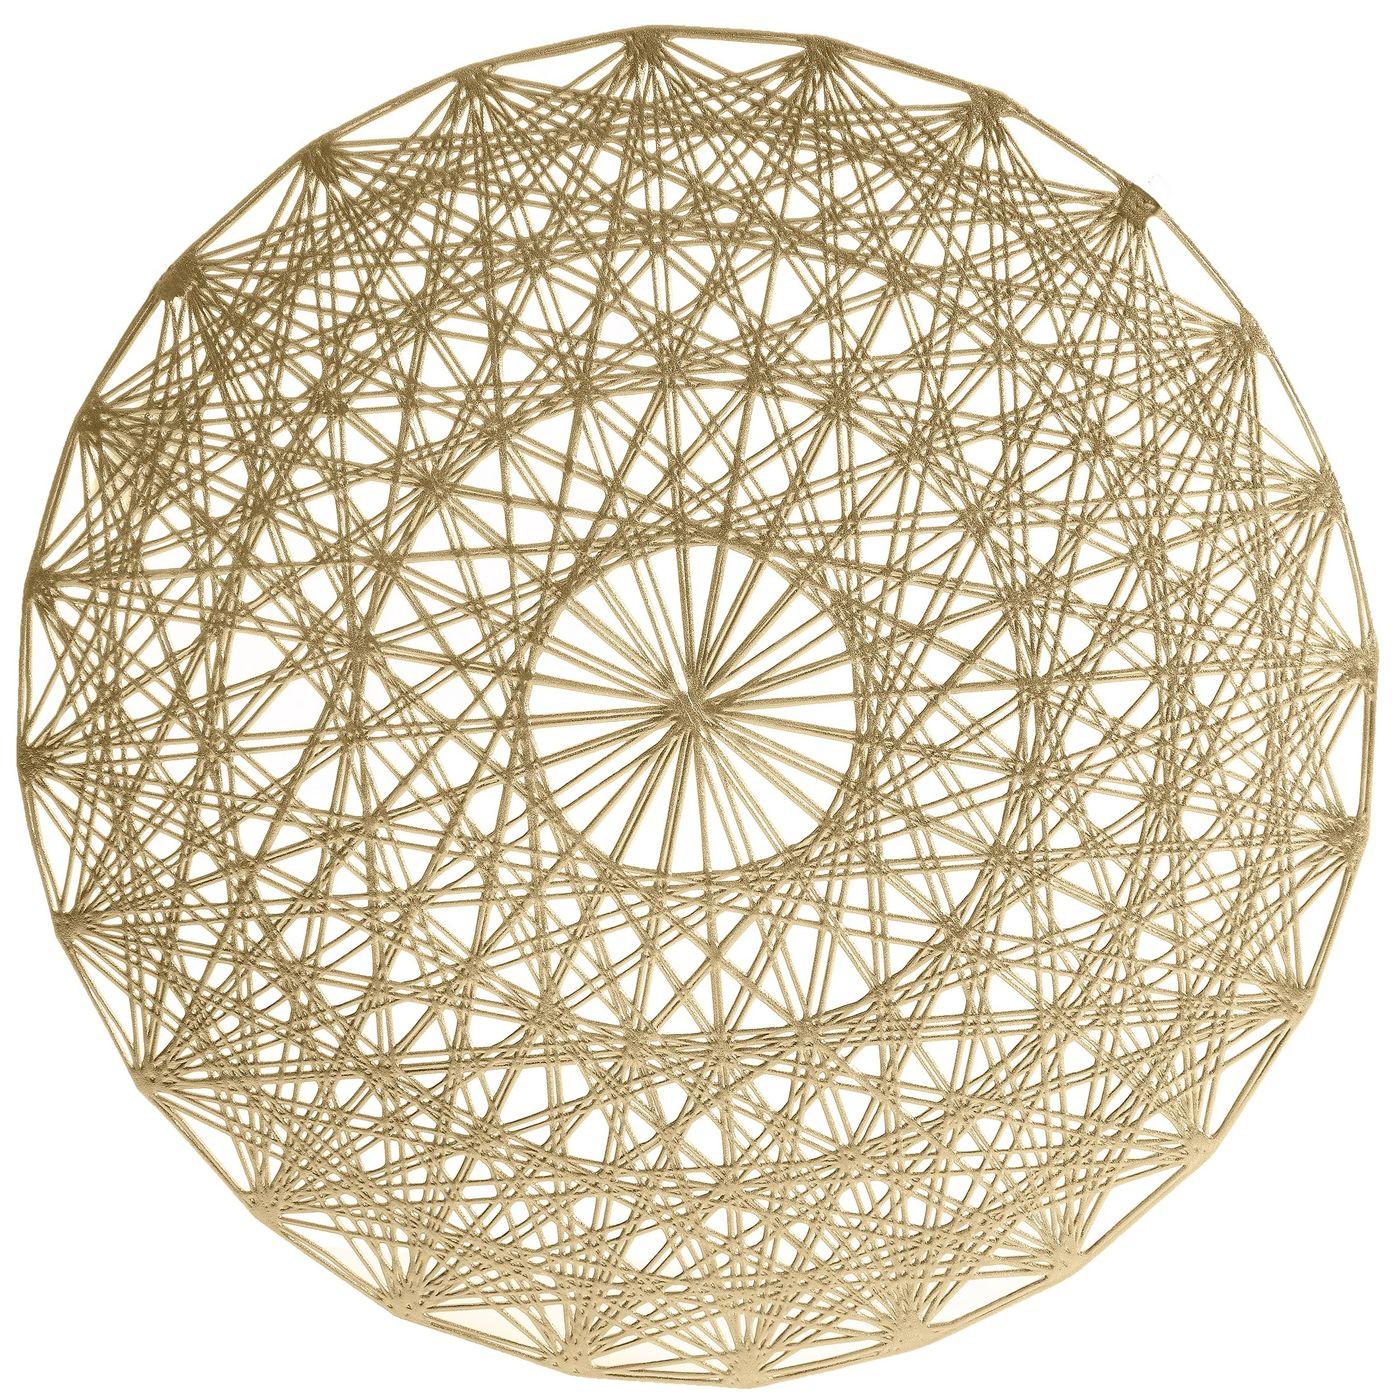 Ażurowa podkładka stołowa złota średnica 38 cm